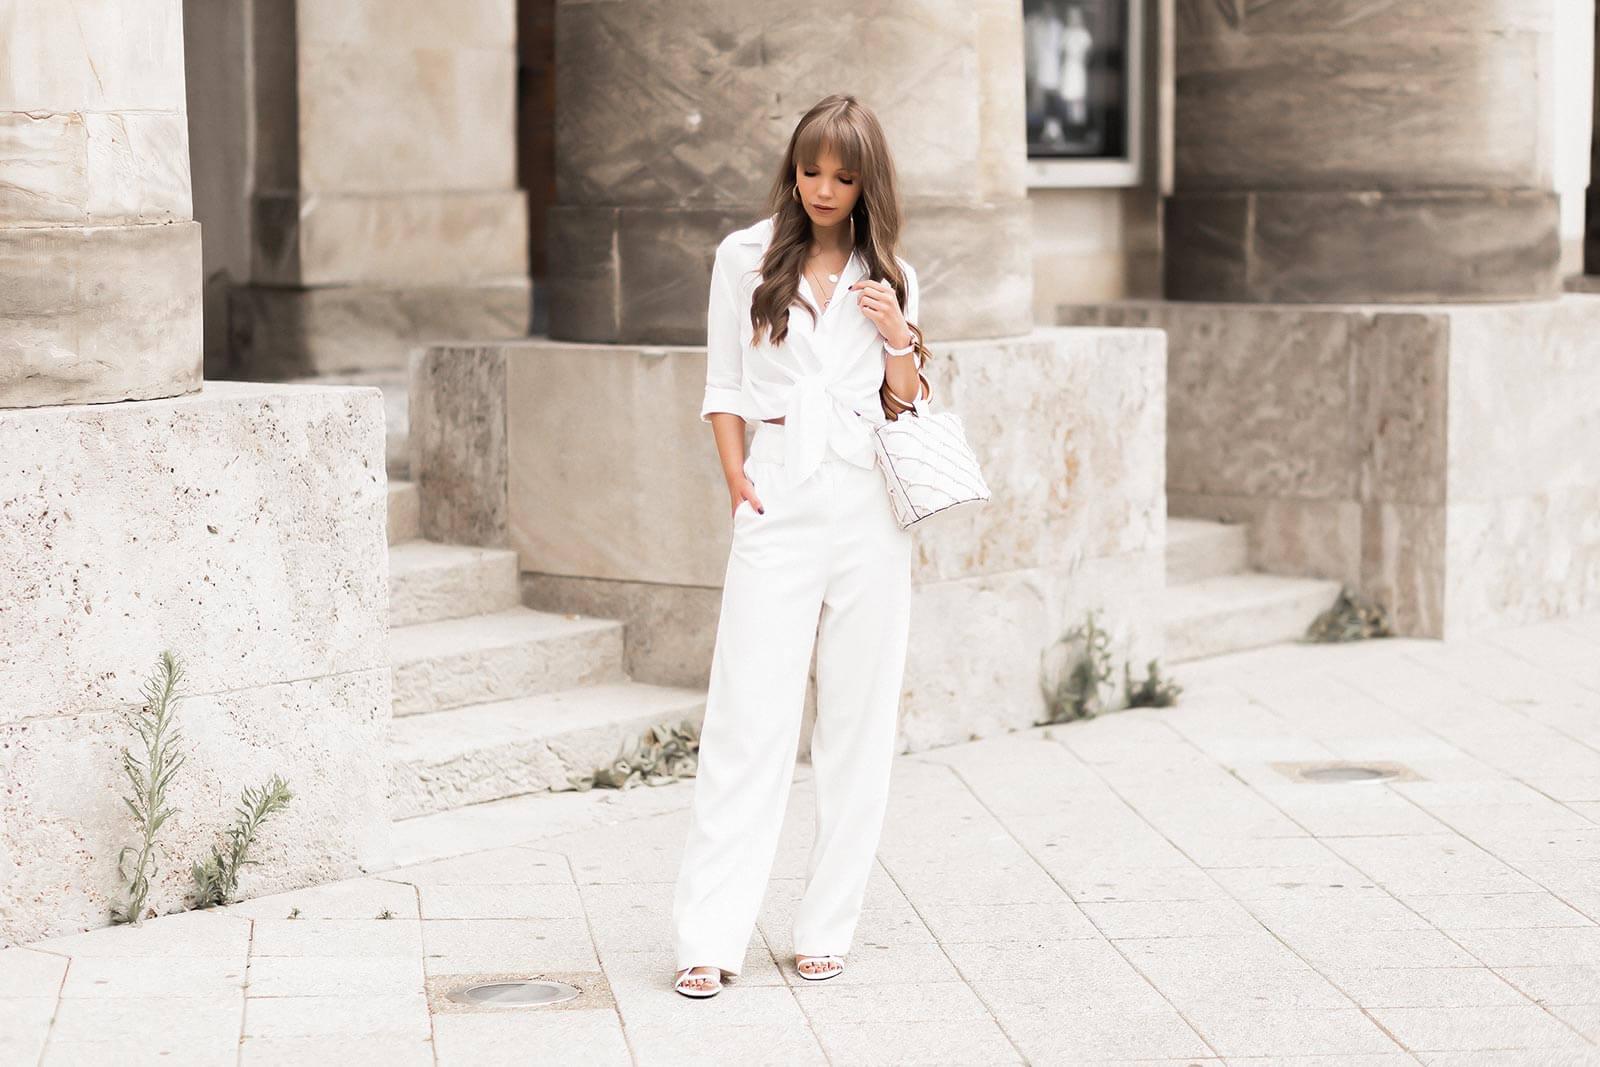 All White im Sommer, Styling-Tipps für weiße Outfits, Shoelove by Deichmann